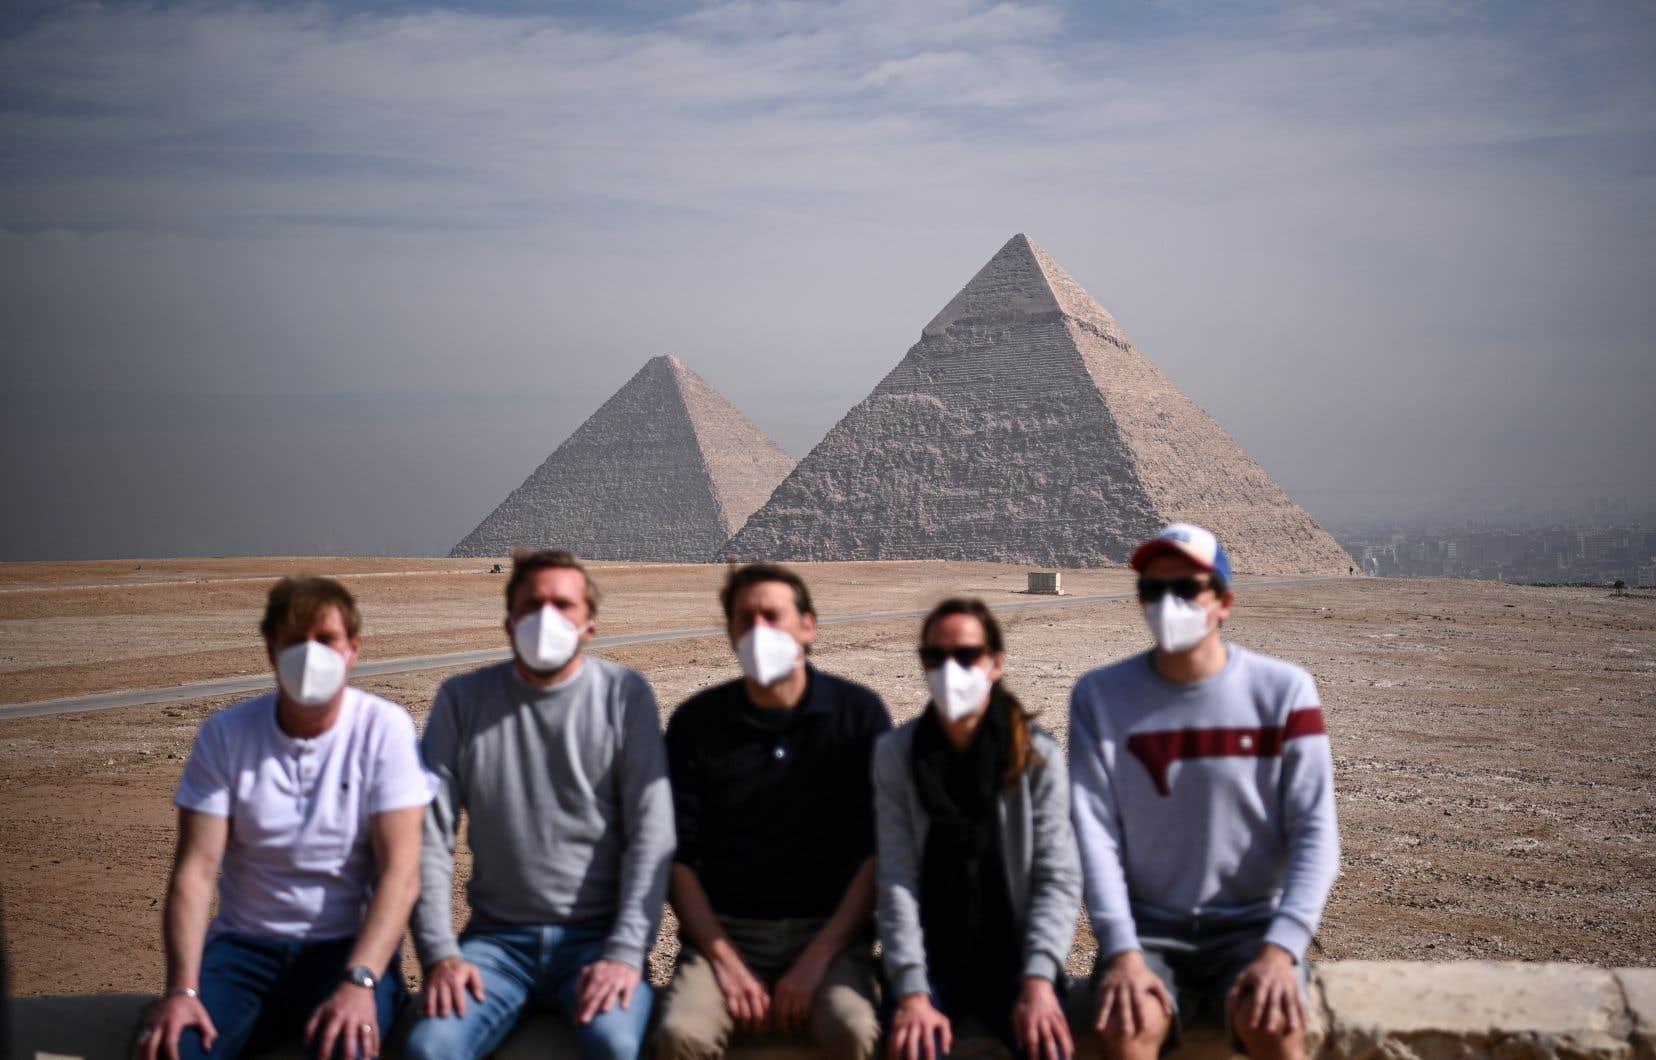 Le secteur touristique mondial a subi les contrecoups des restrictions de déplacements provoquées par la pandémie de COVID-19.